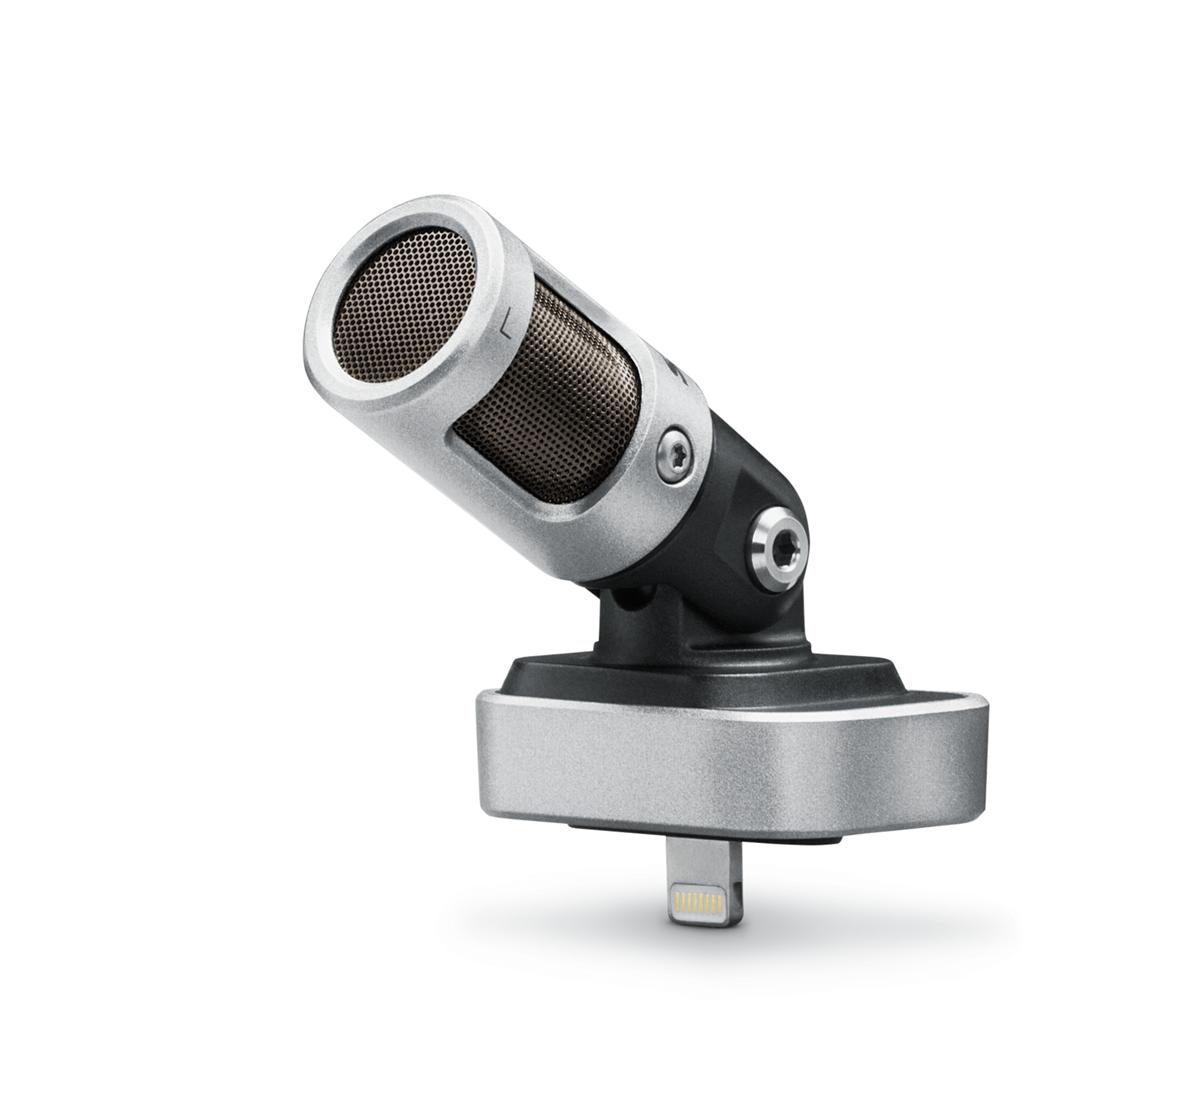 Shure MV88-A IOS Digital Stereo Condenser Microphone